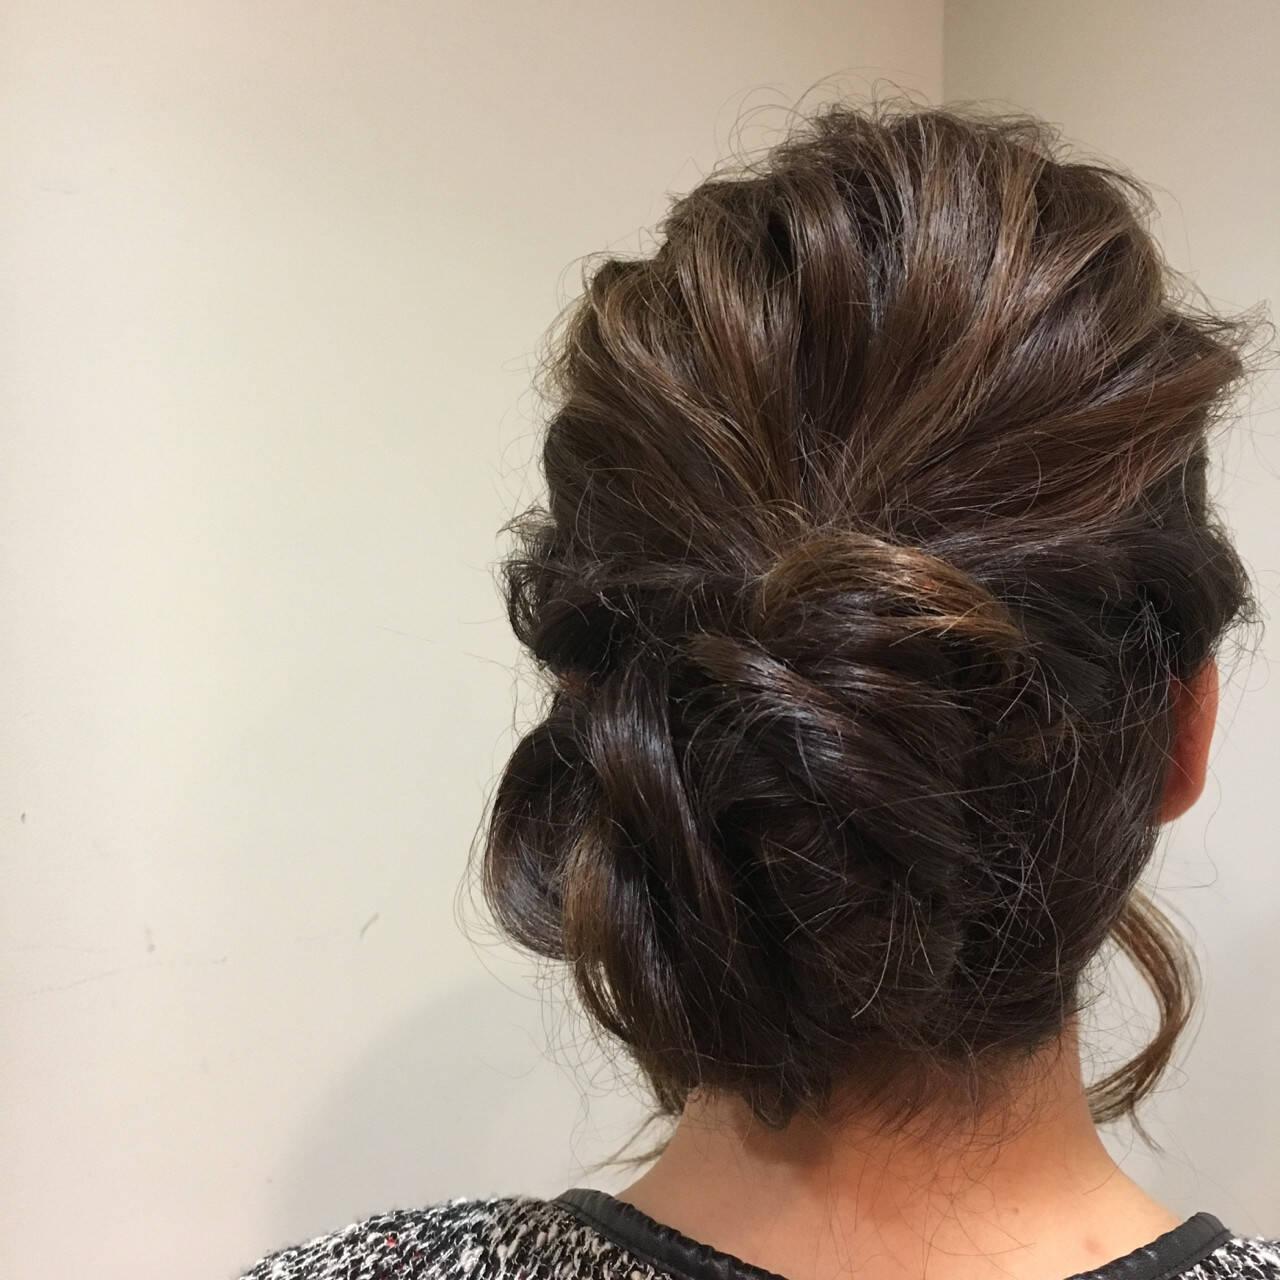 フェミニン 結婚式 ロング ゆるふわヘアスタイルや髪型の写真・画像